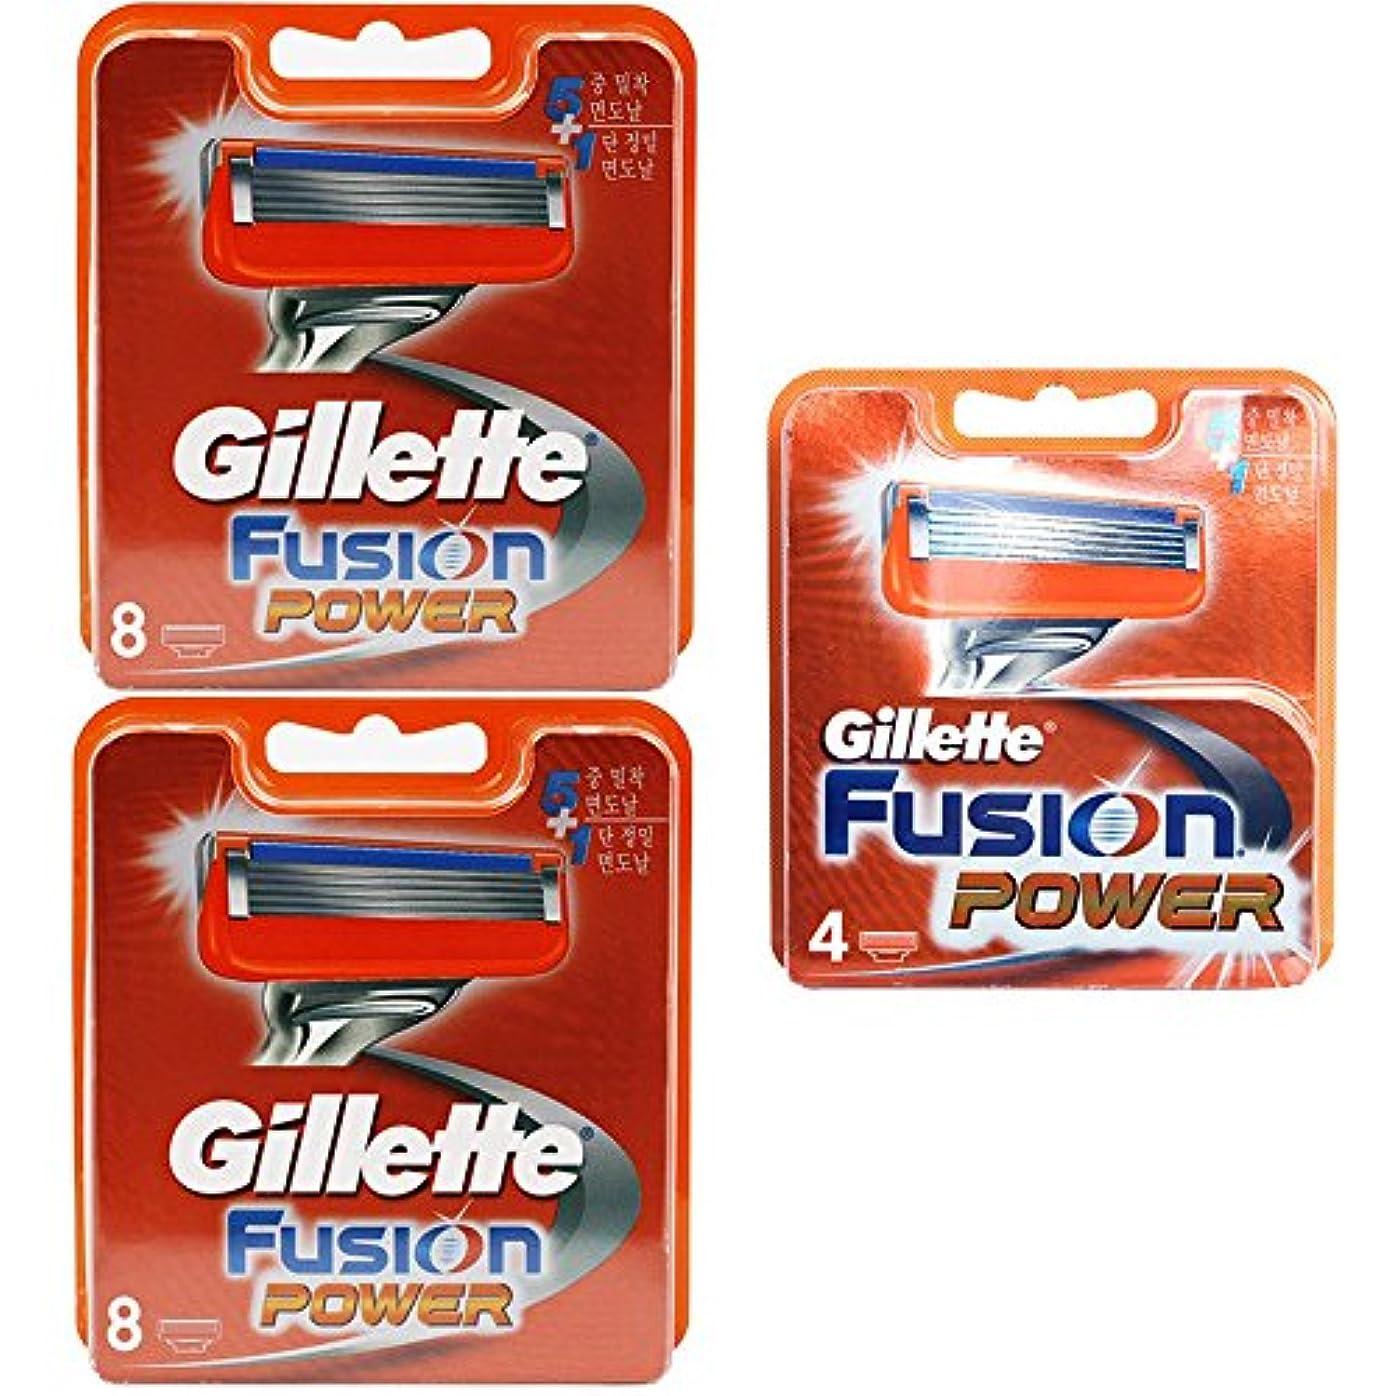 オーナメントジャーナル国際Gillette Fusion Power Blades Cartridges 本物のドイツ製 20 Pack [並行輸入品]